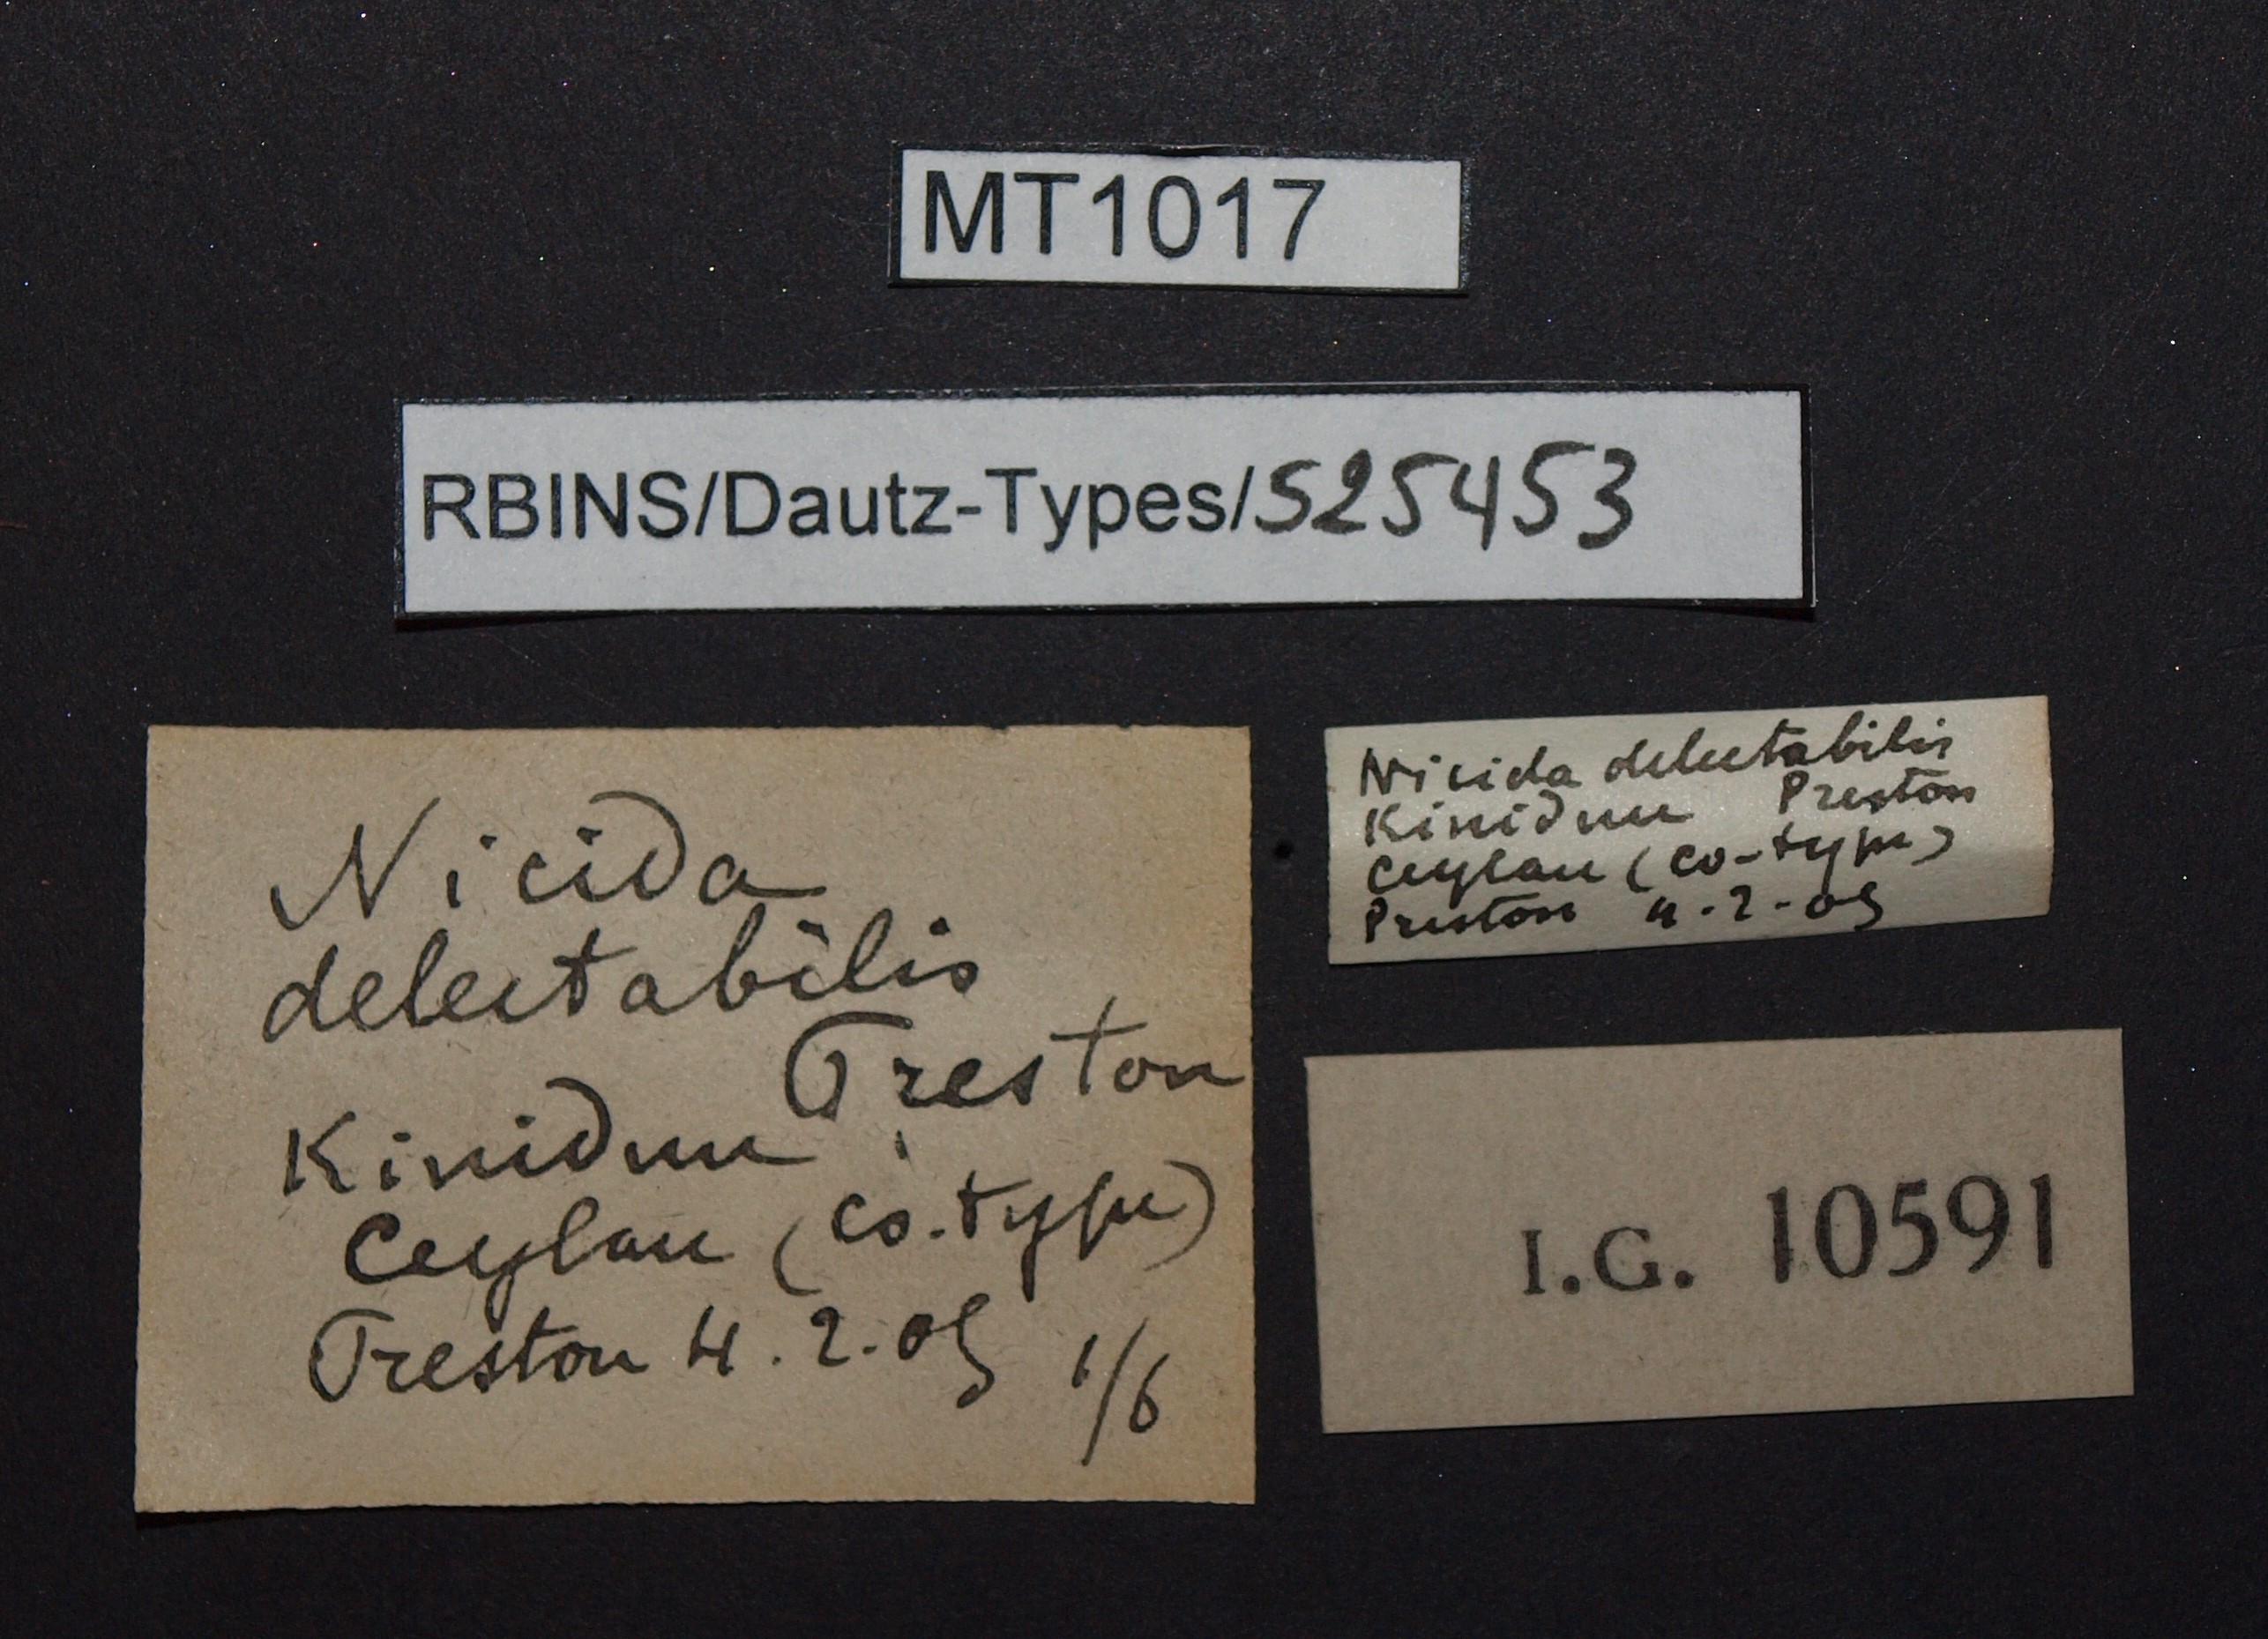 BE-RBINS-INV MT 1017 Nicida delectabilis pt Lb.jpg